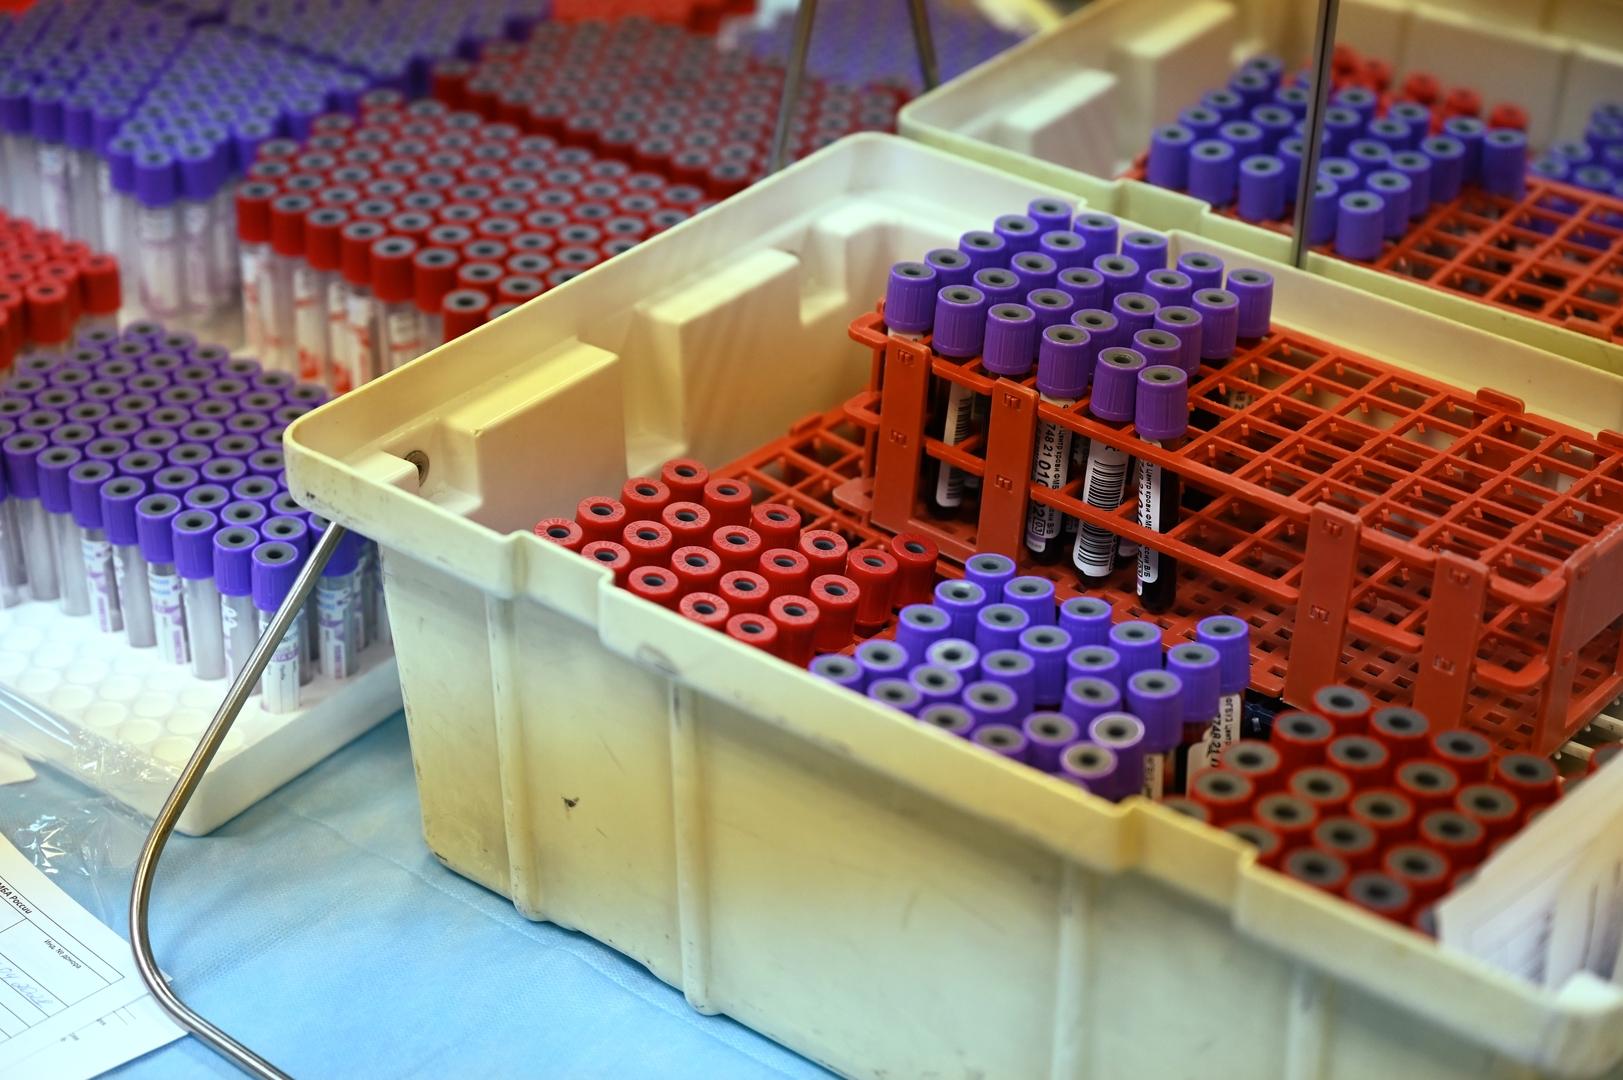 وكالة روسية تطور اختبارا للكشف عن 4 نسخ متحورة من فيروس كورونا